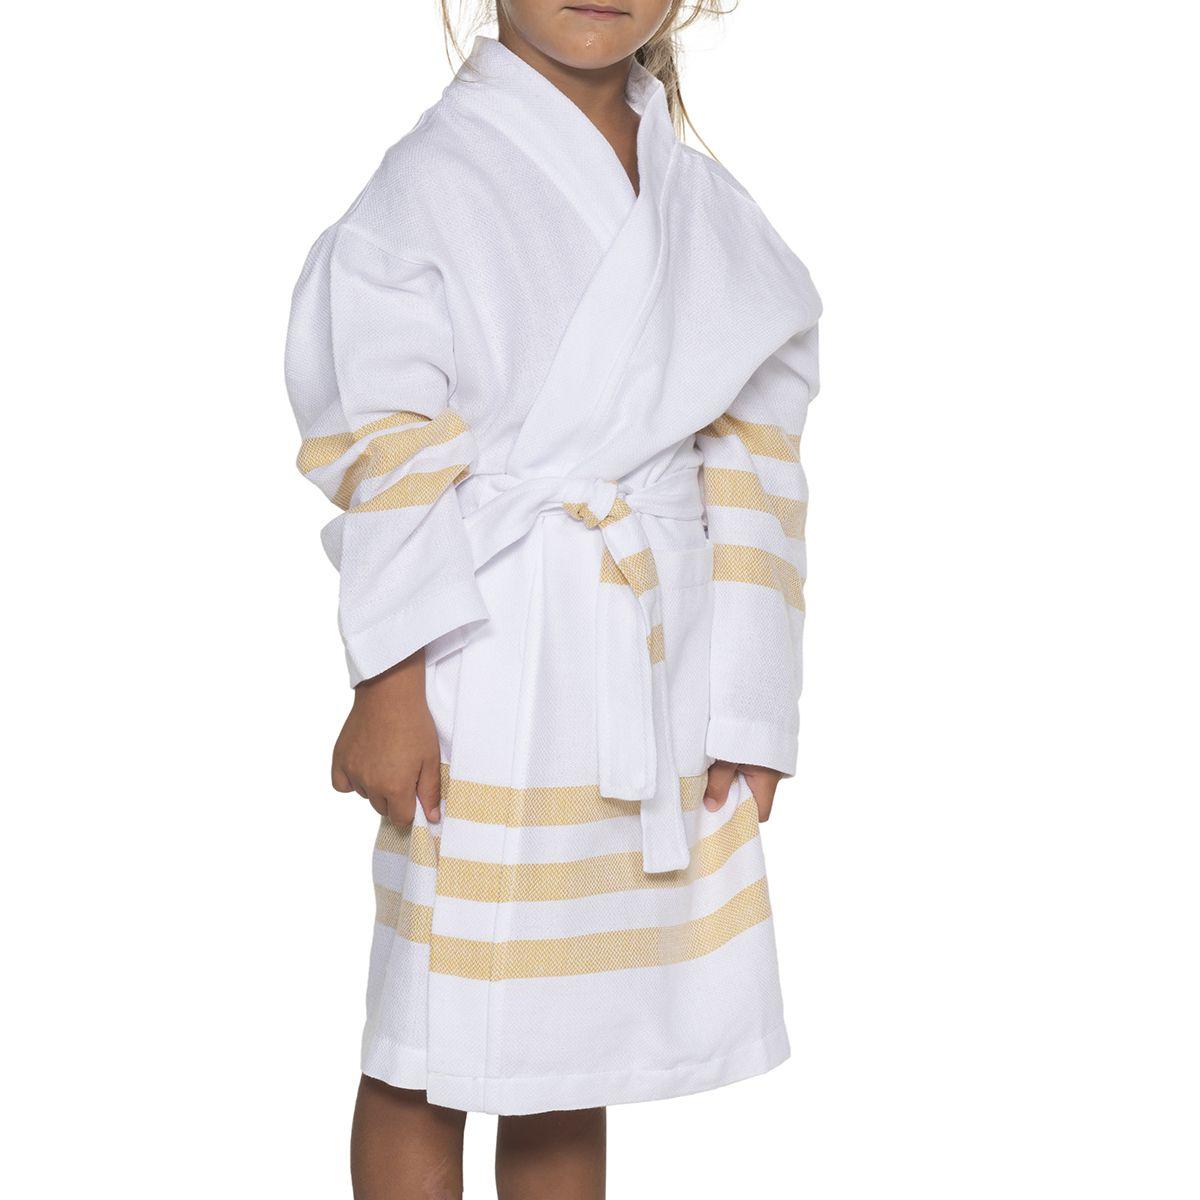 Bathrobe Kiddo Bala - White / Yellow